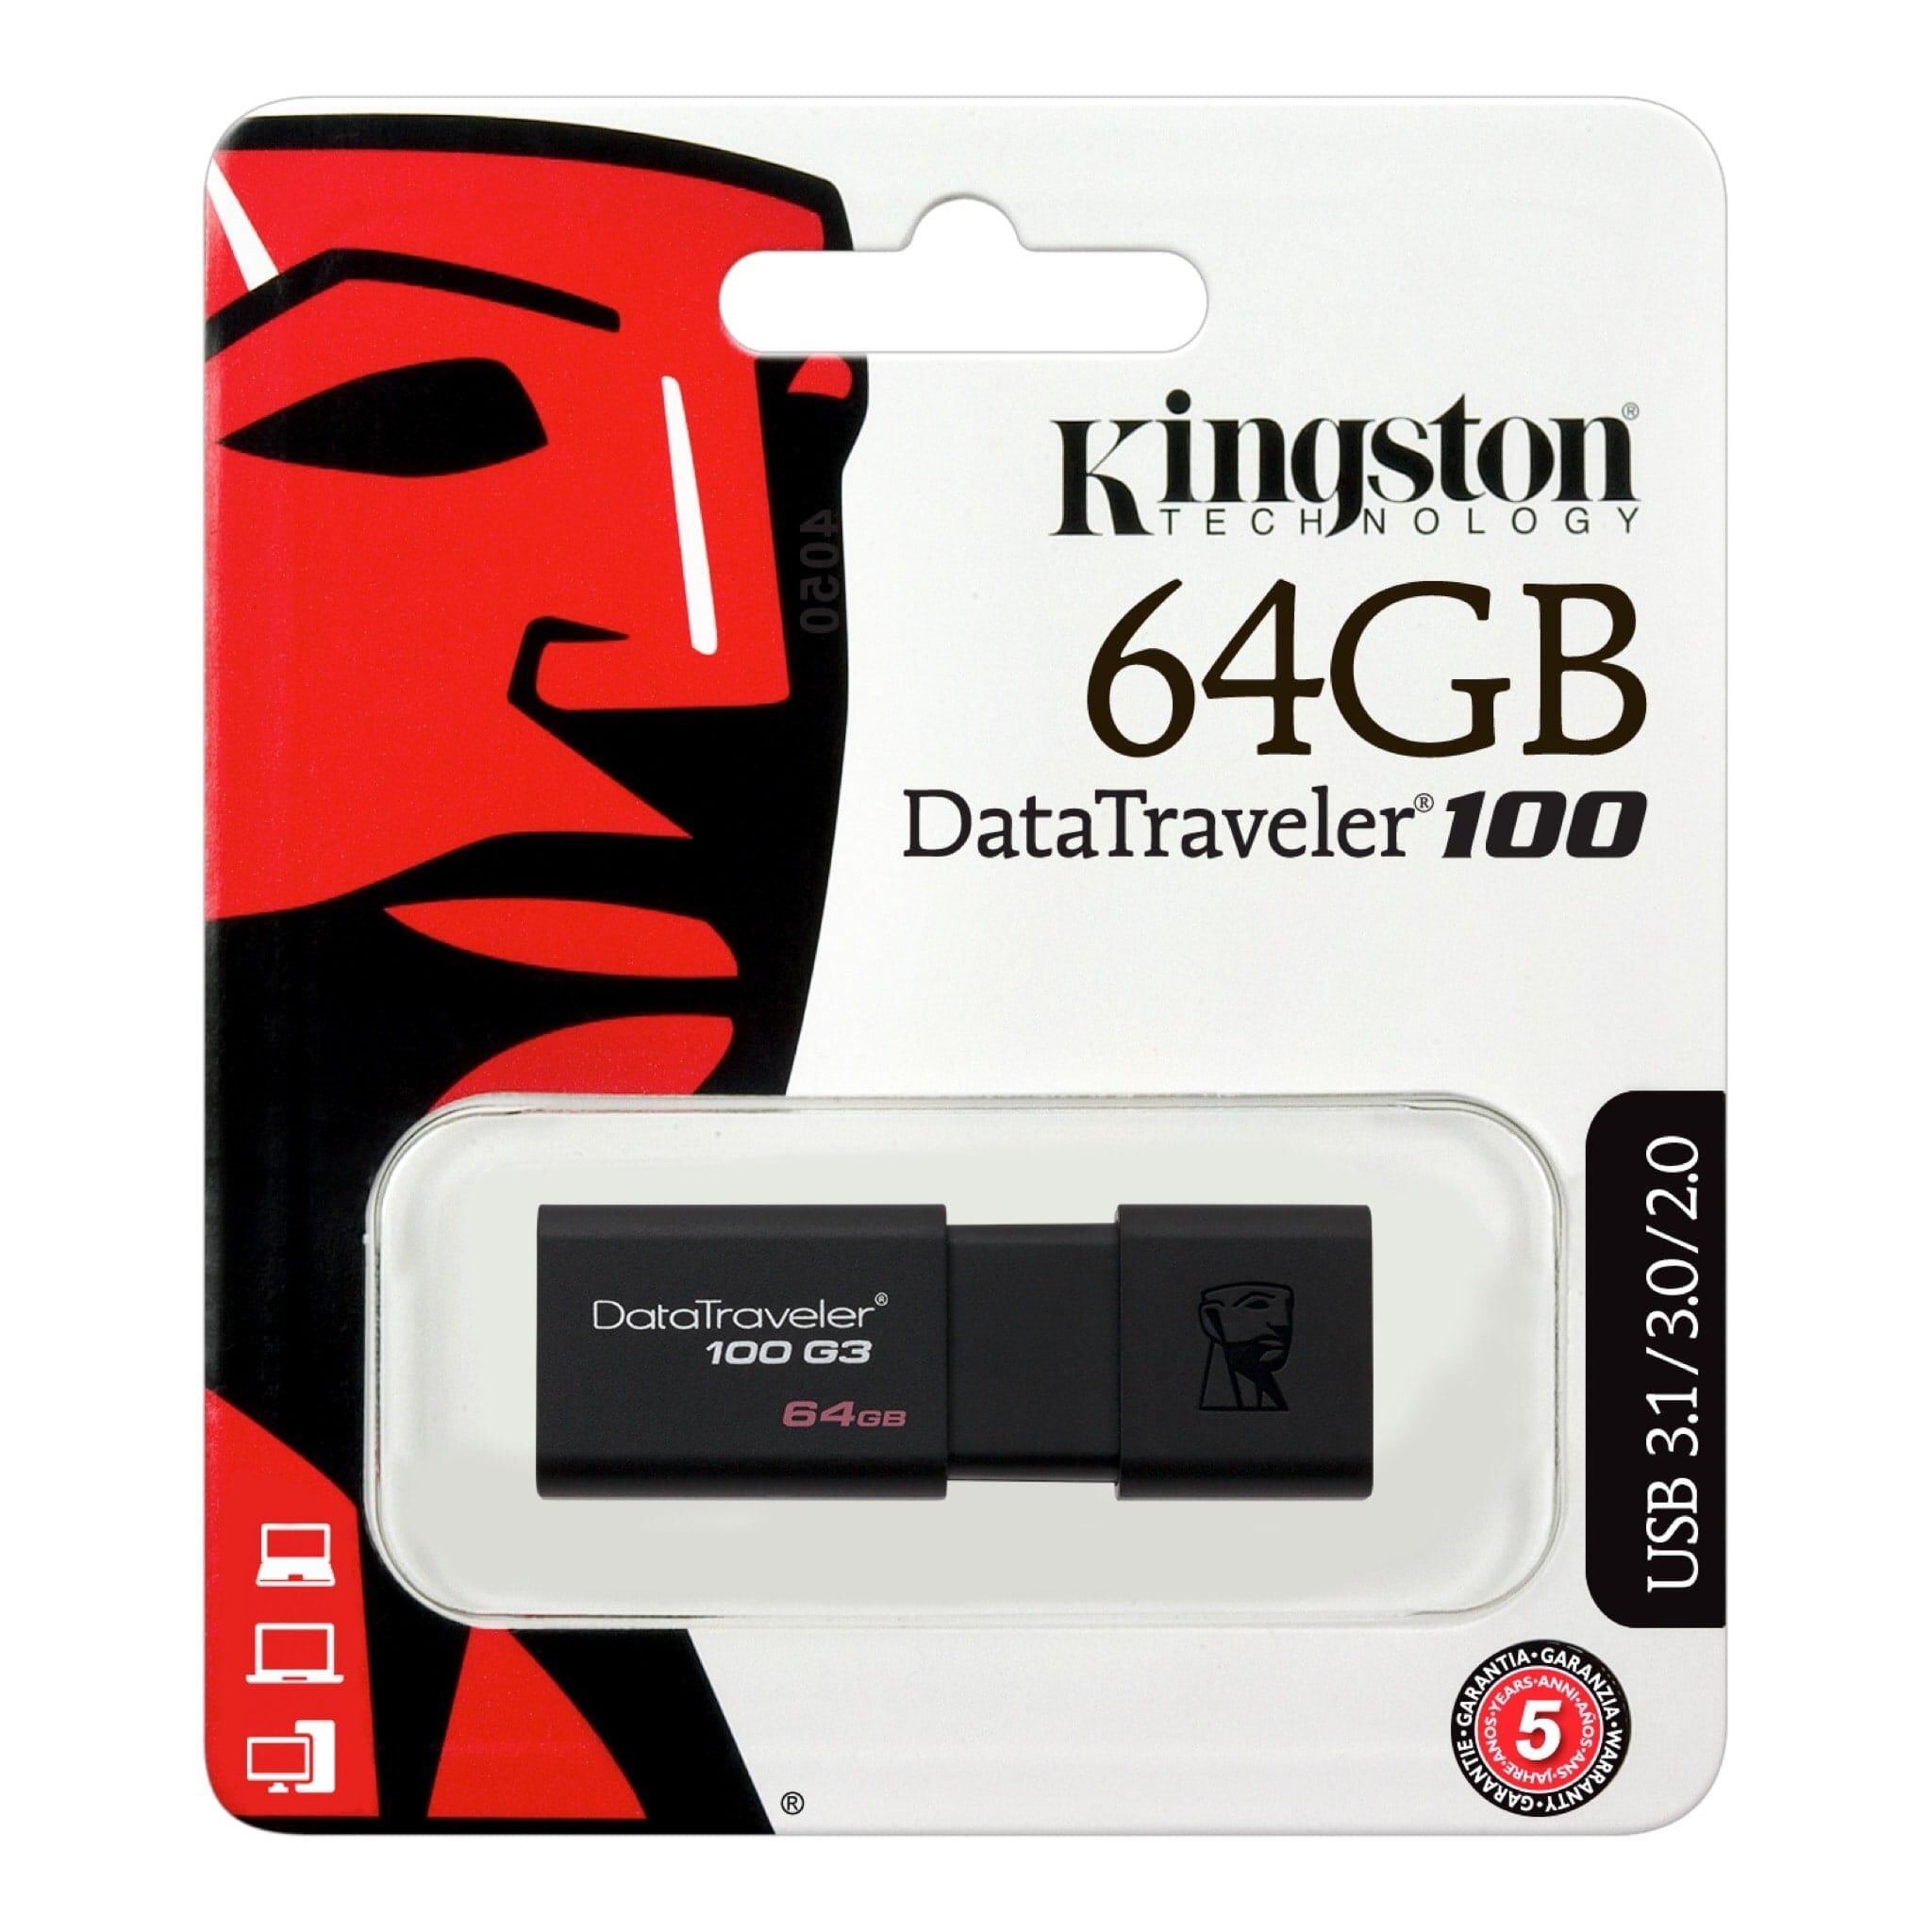 ktc-product-usb-dt100g3-dt100g364gb-3-zm-lg